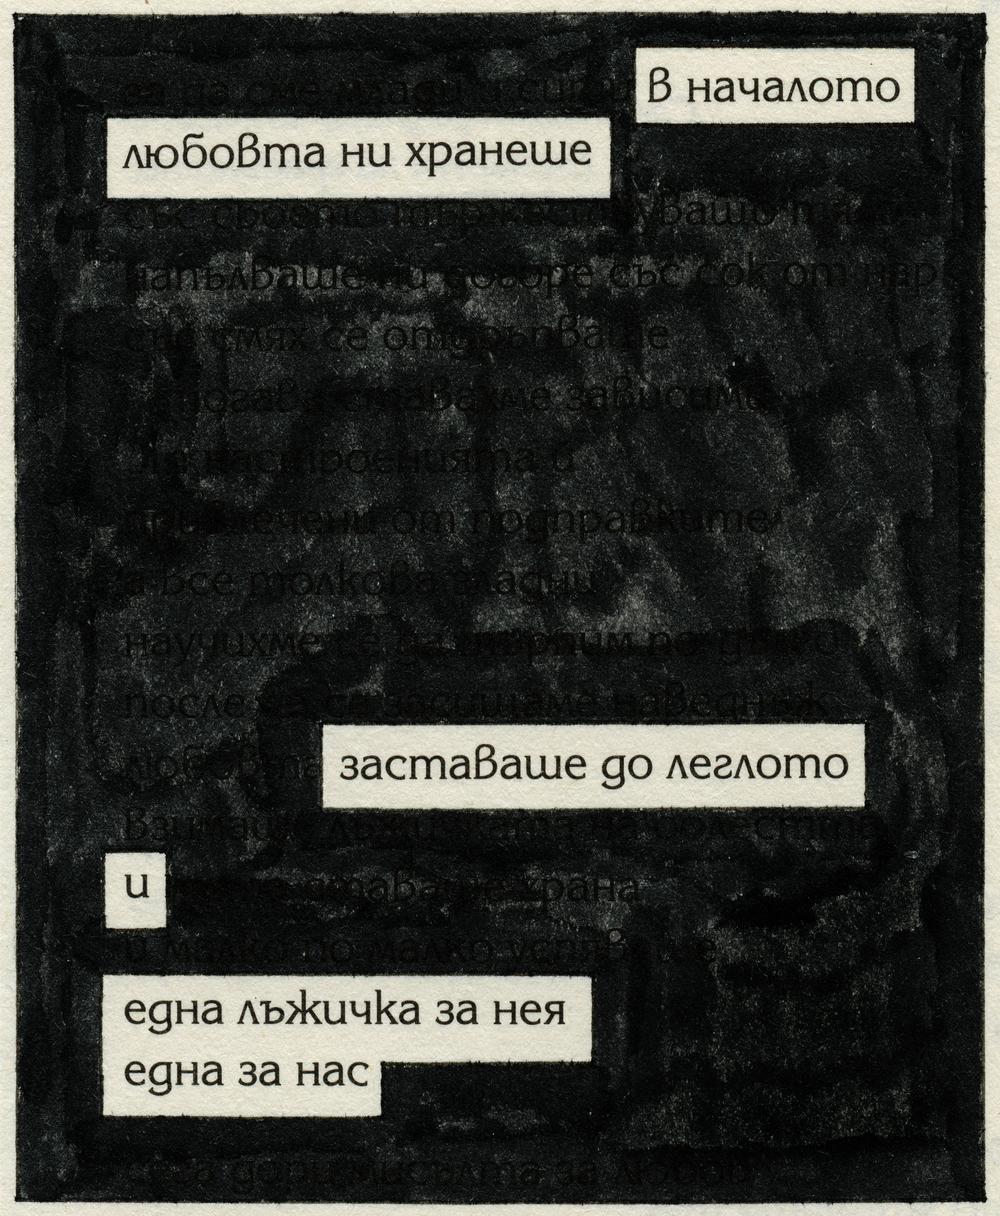 hraneshe-2.jpg